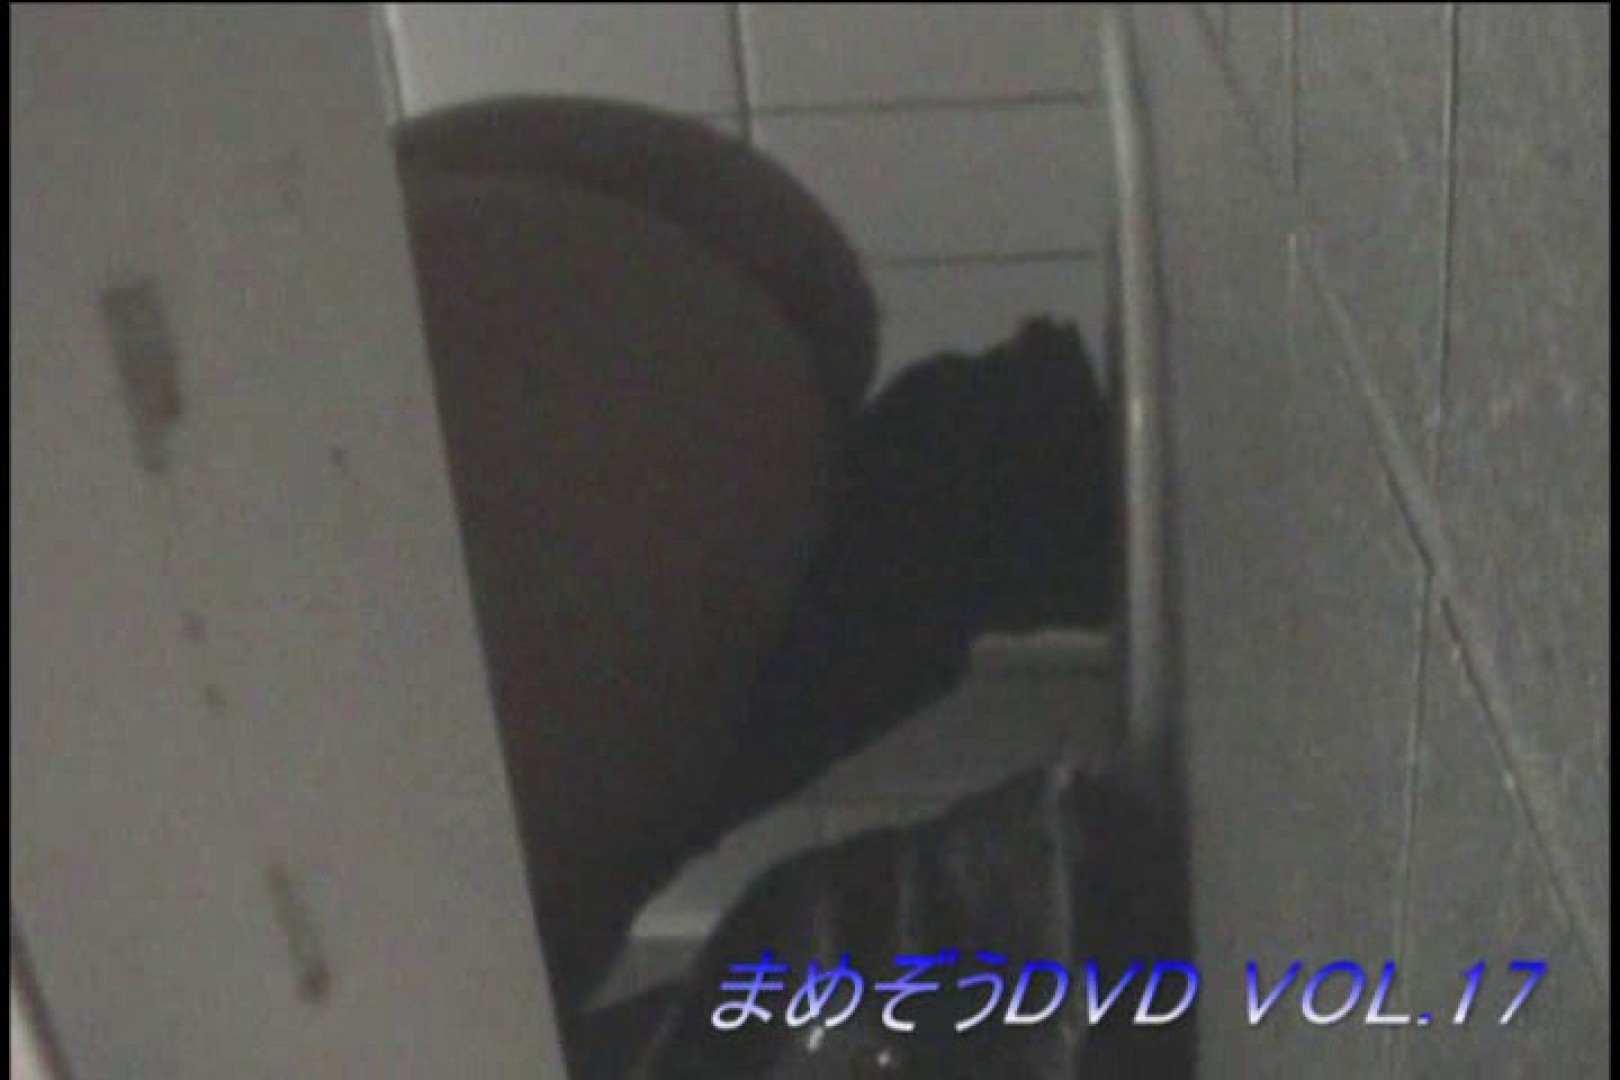 まめぞうDVD完全版VOL.17 洗面所 | ギャル攻め  94画像 9